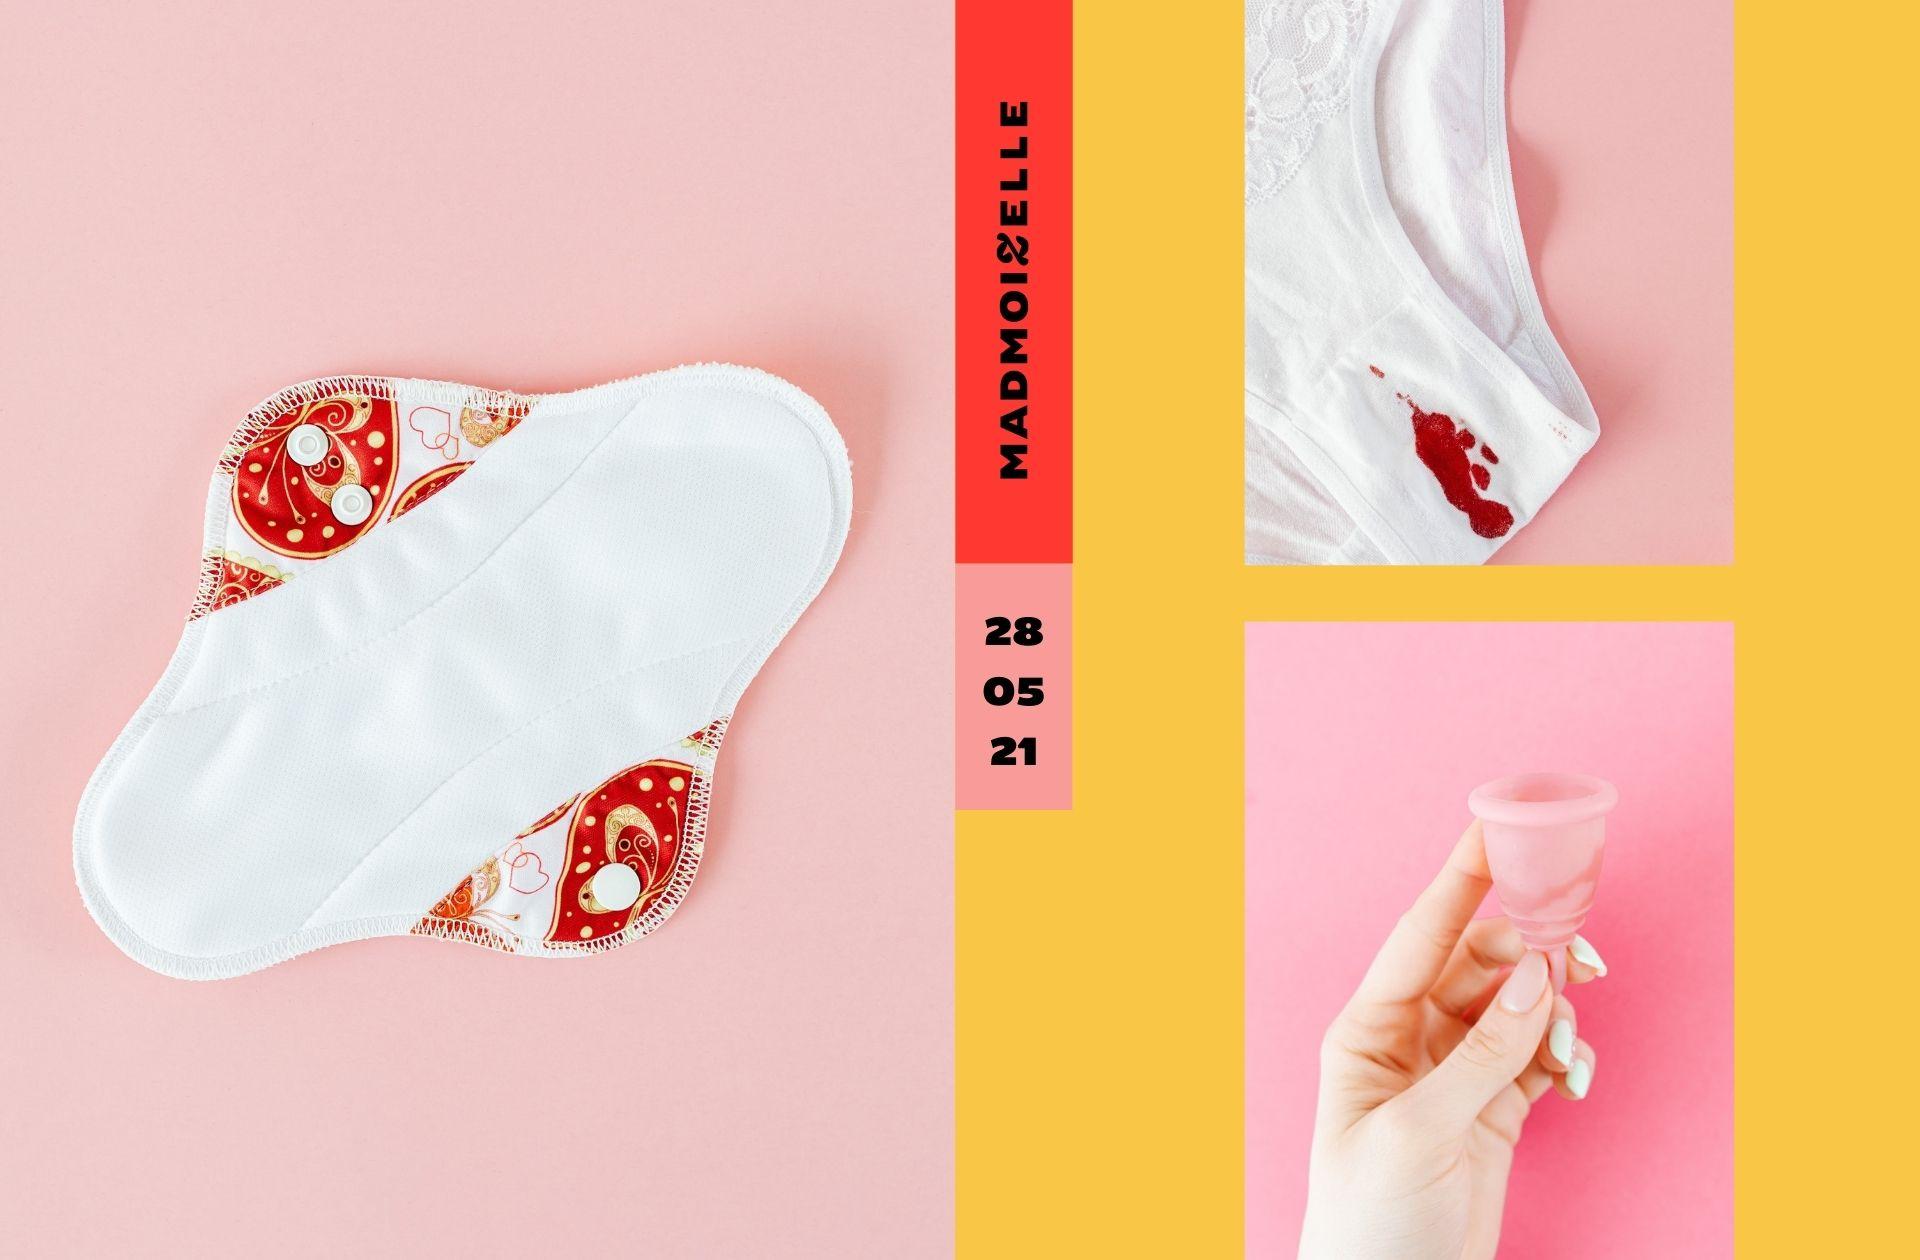 Comment les protections menstruelles réutilisables se sont imposées en quelques années